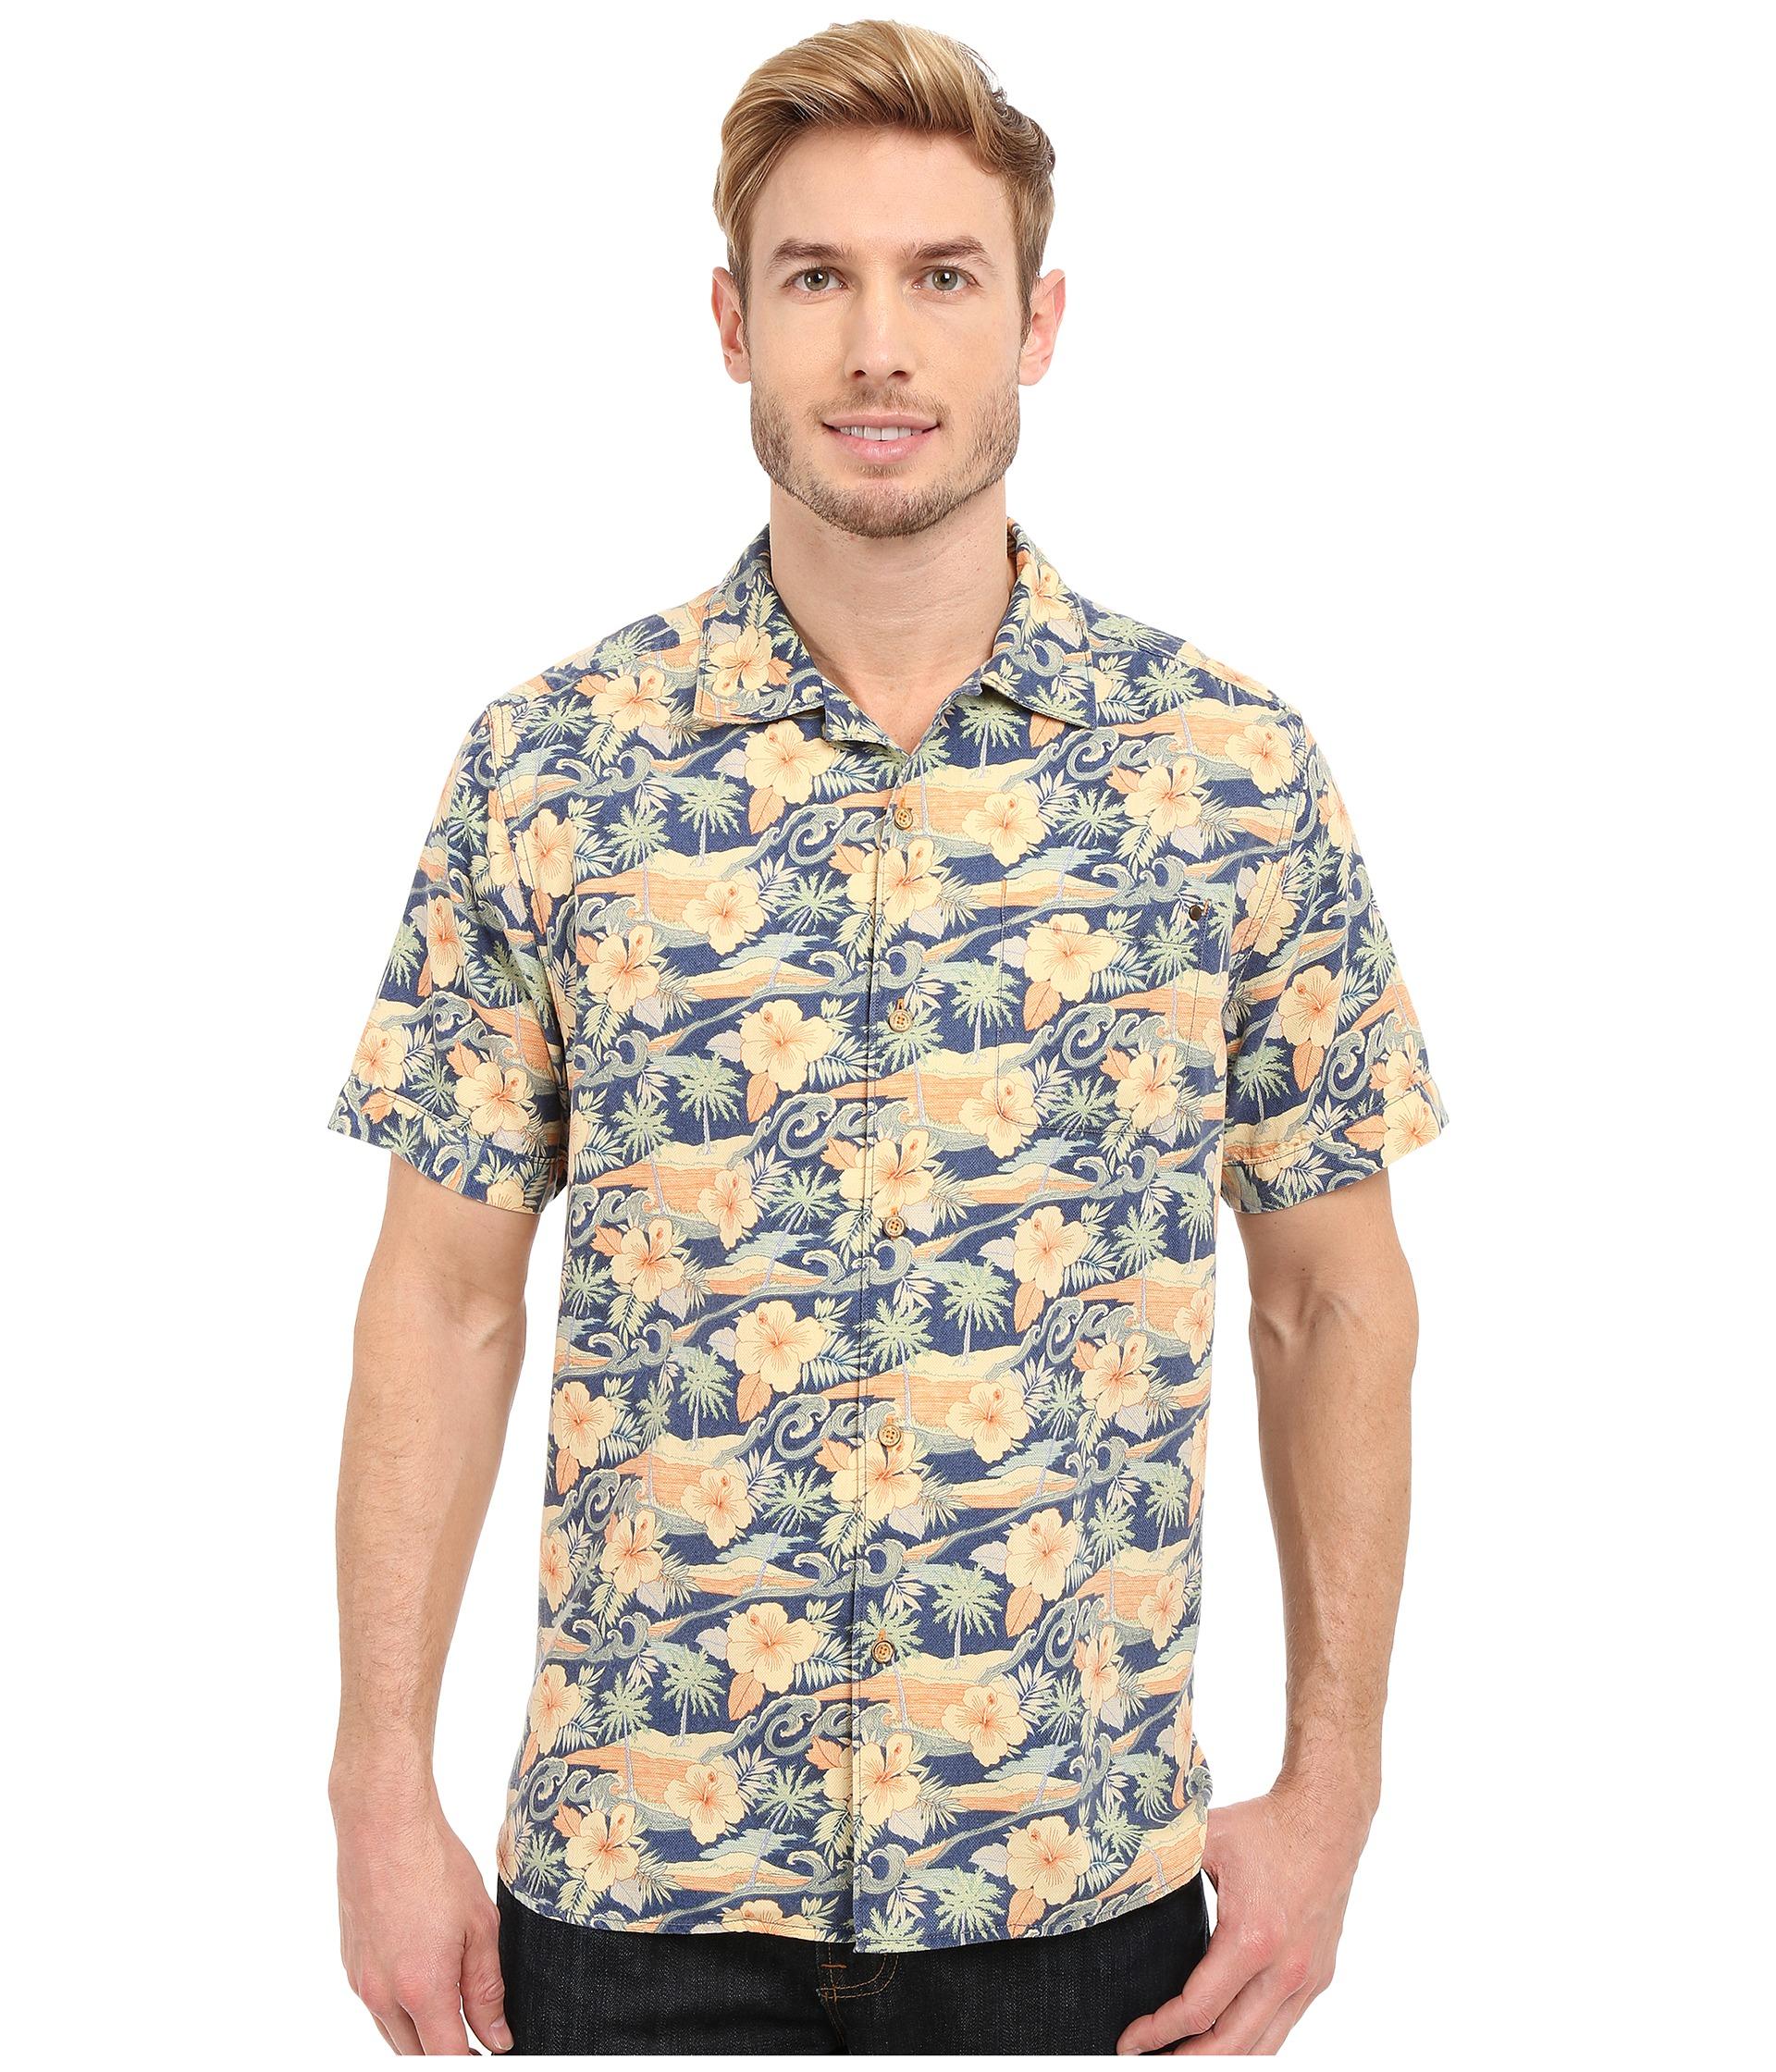 Tommy Bahama Cassis Print Camp Shirt At